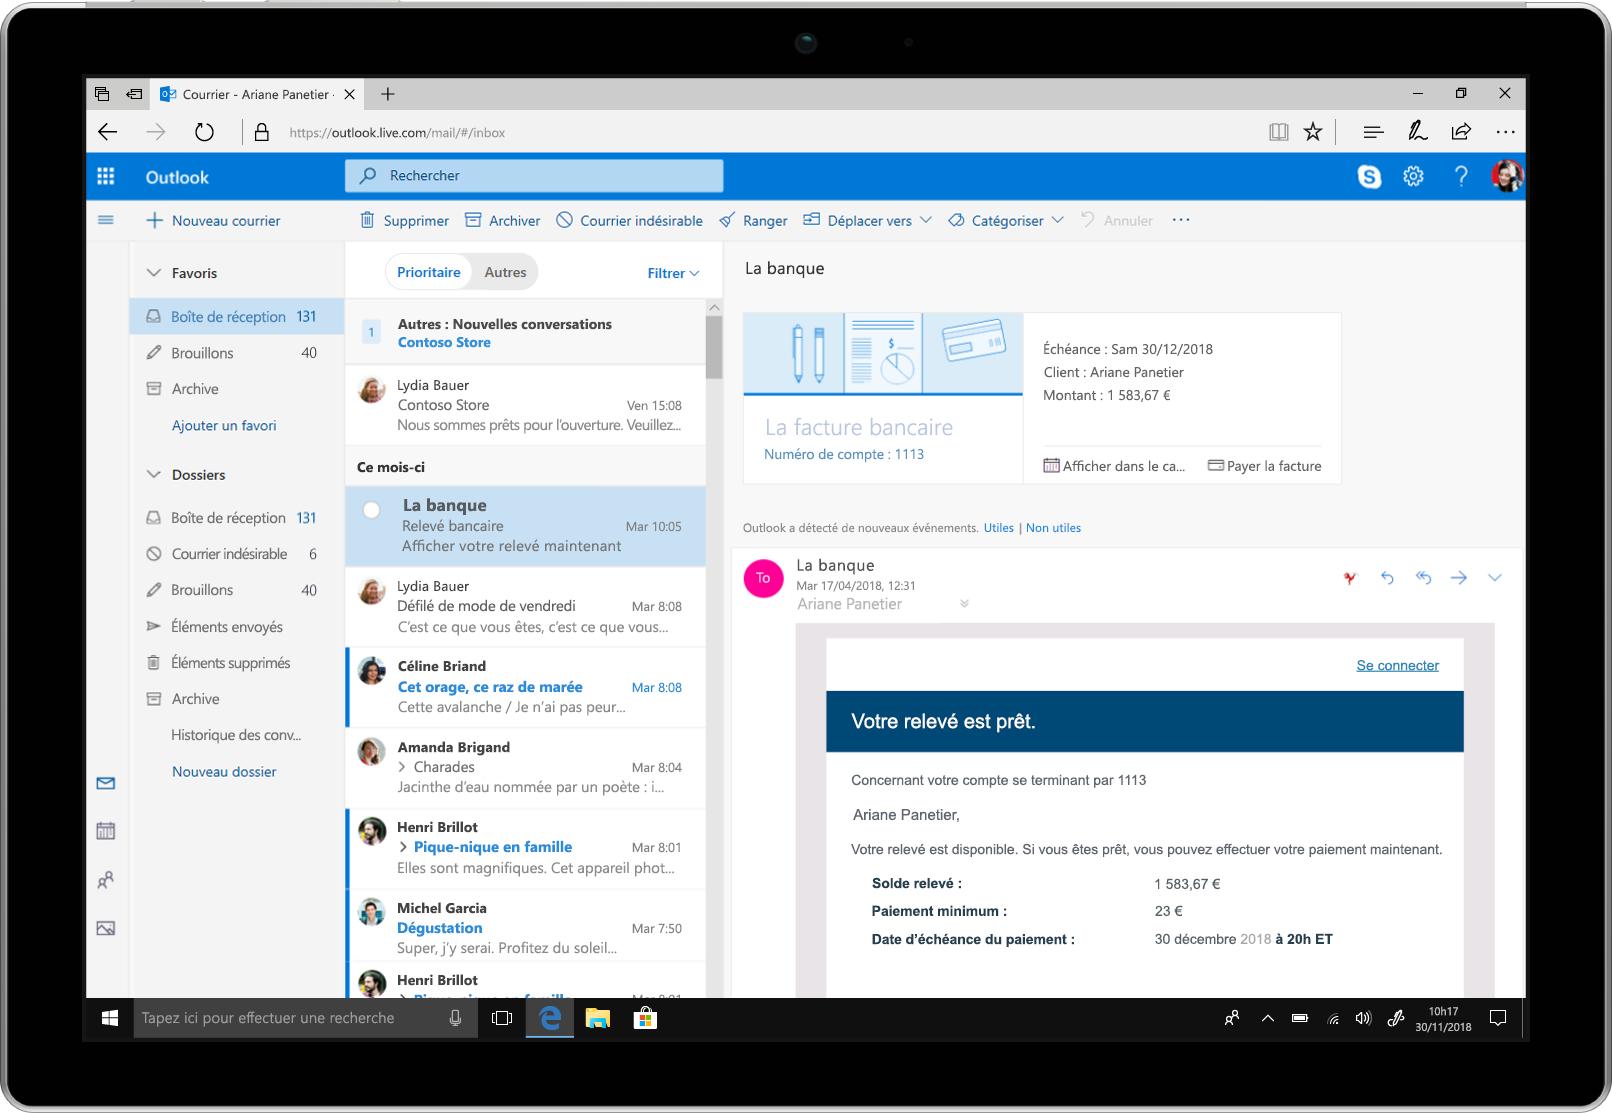 Tablette affichant des rappels de paiement de factures dans Outlook